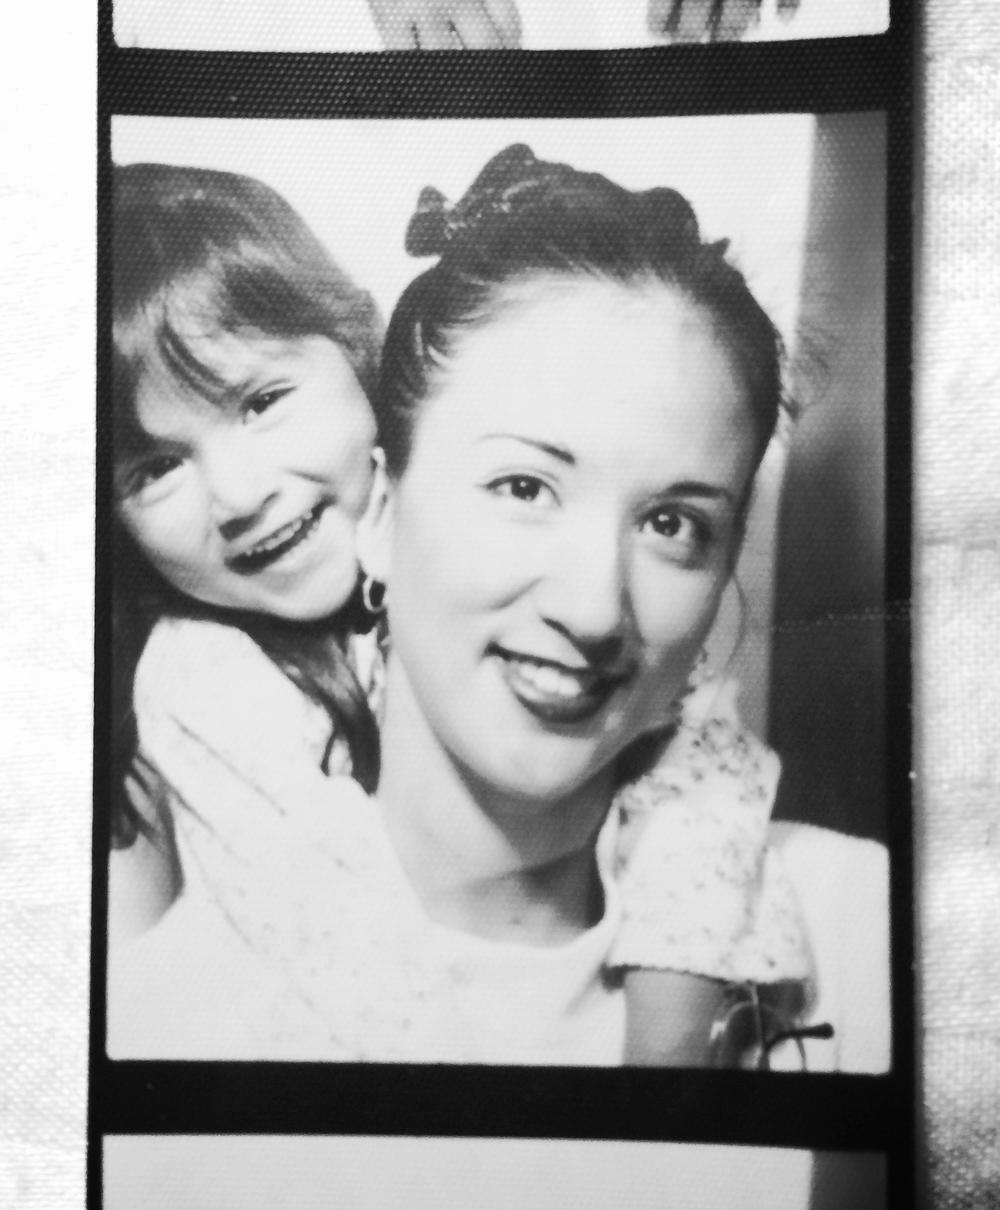 Jina and I - 1998